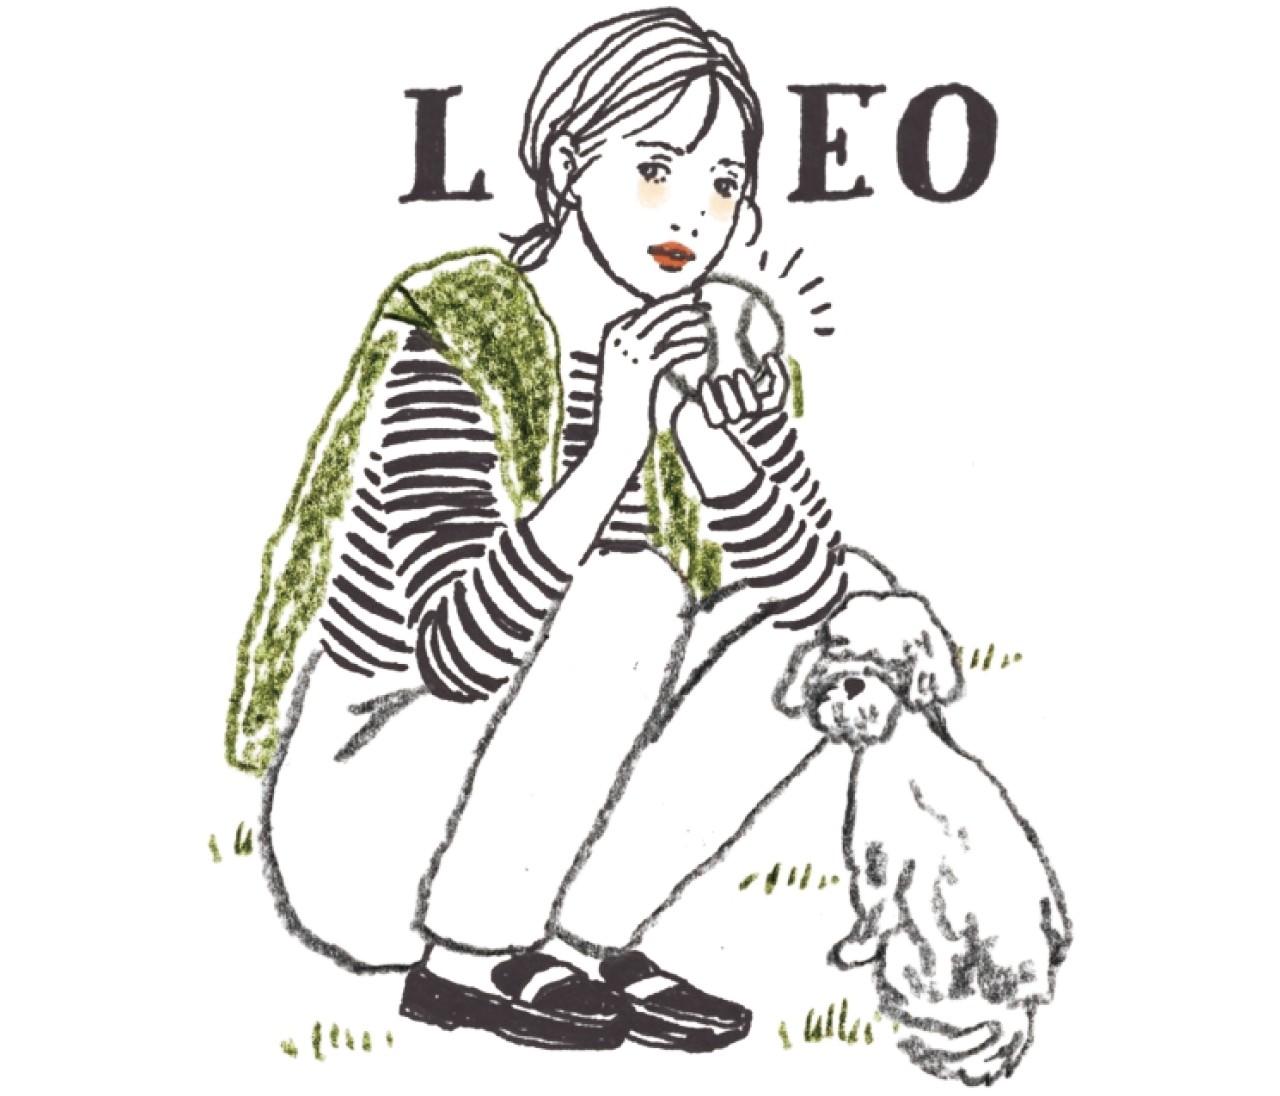 【獅子座】鏡リュウジが占う2020年の運勢